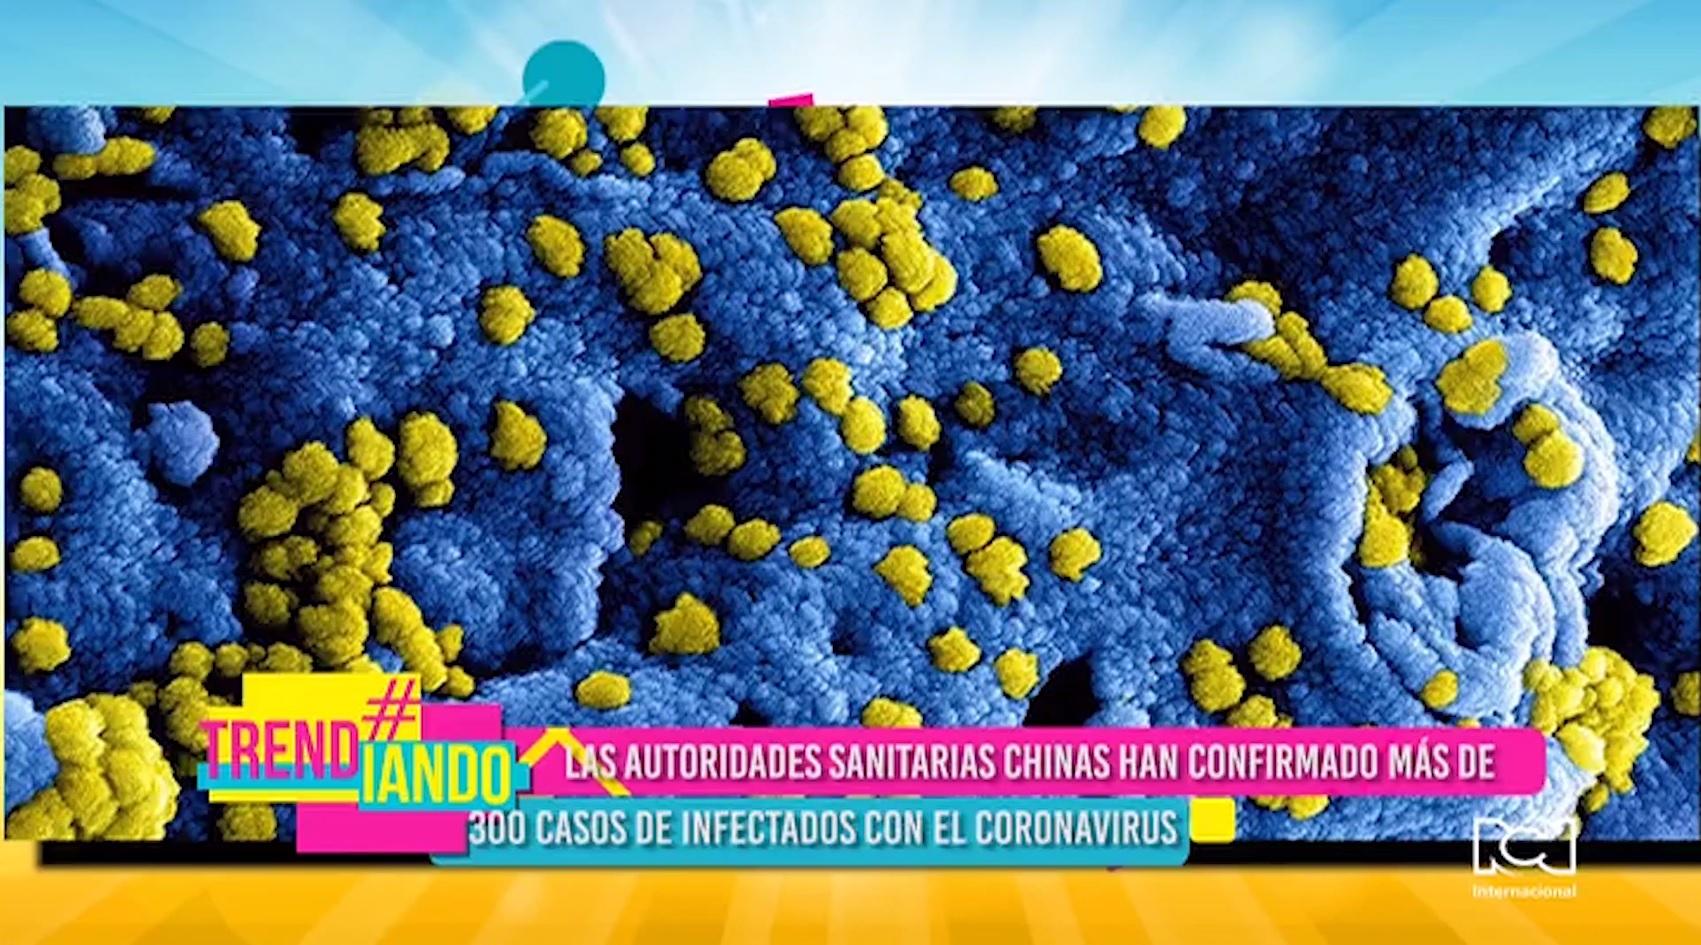 Comité de Emergencia de la OMS se reúne para evaluar soluciones para atender alerta por coronavirus